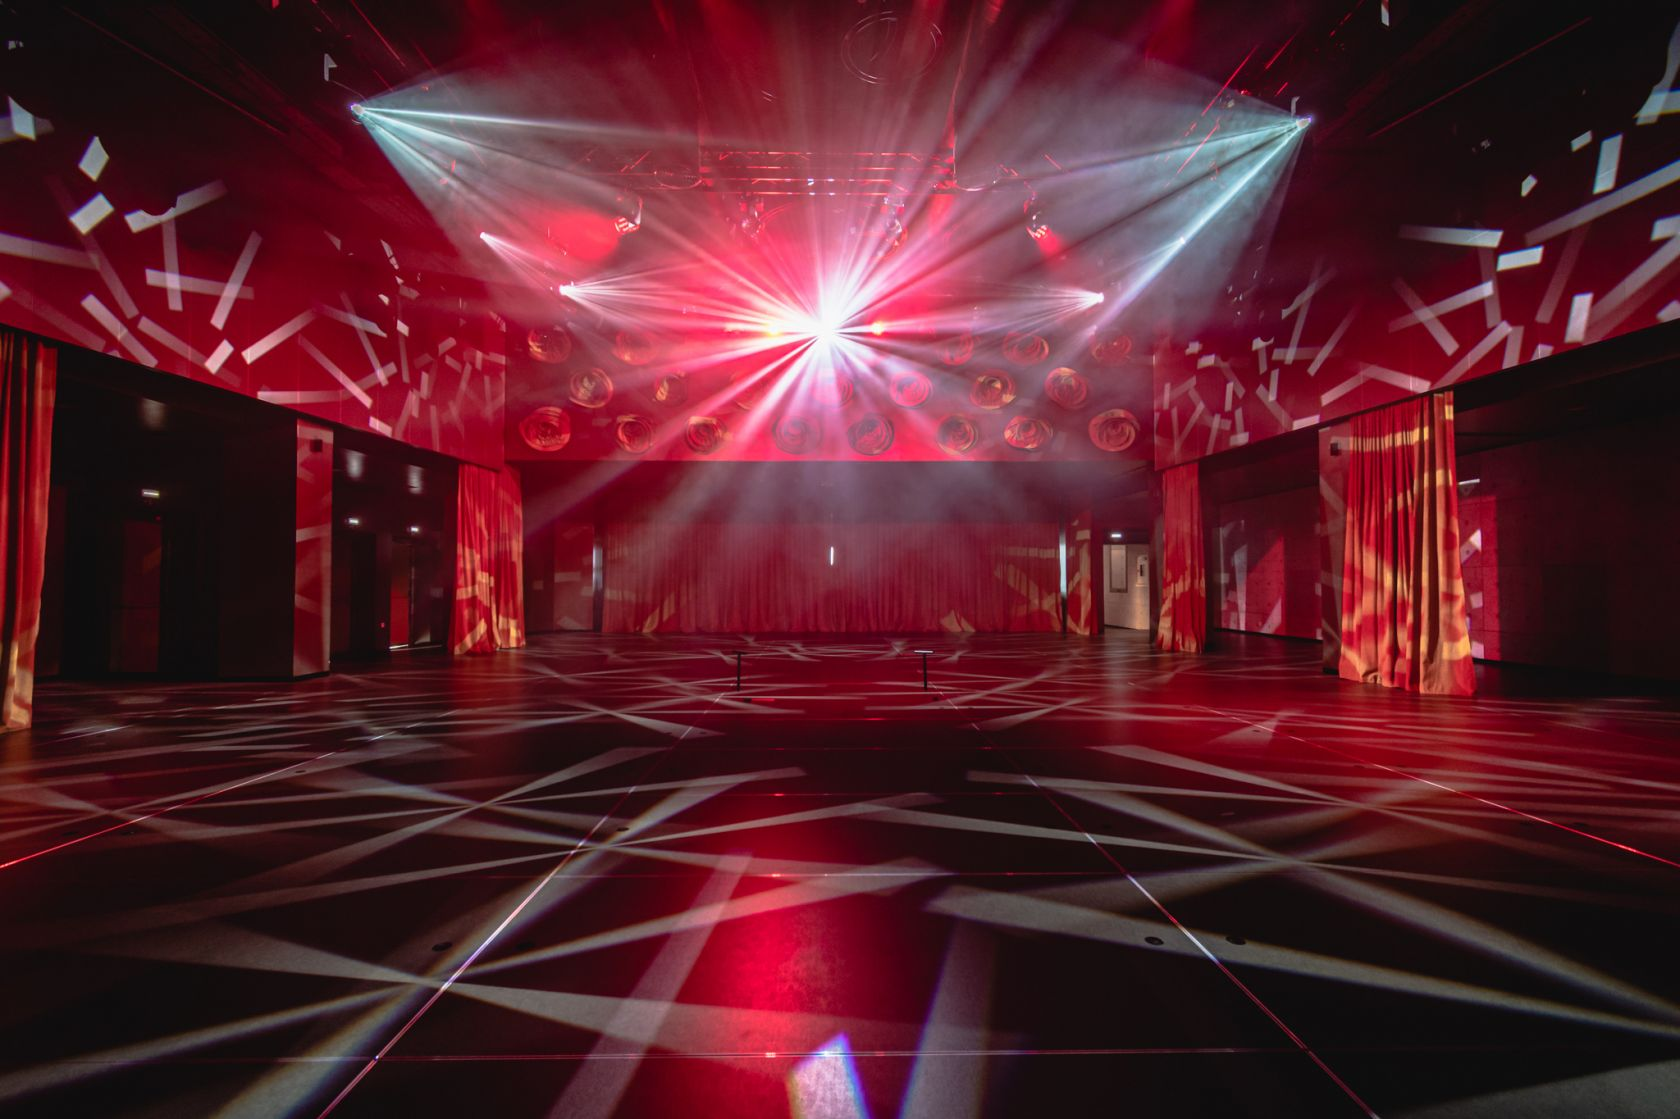 Završena obnova bivšeg kina Odeon: Kuća umjetnosti Arsen otvara se 2. lipnja